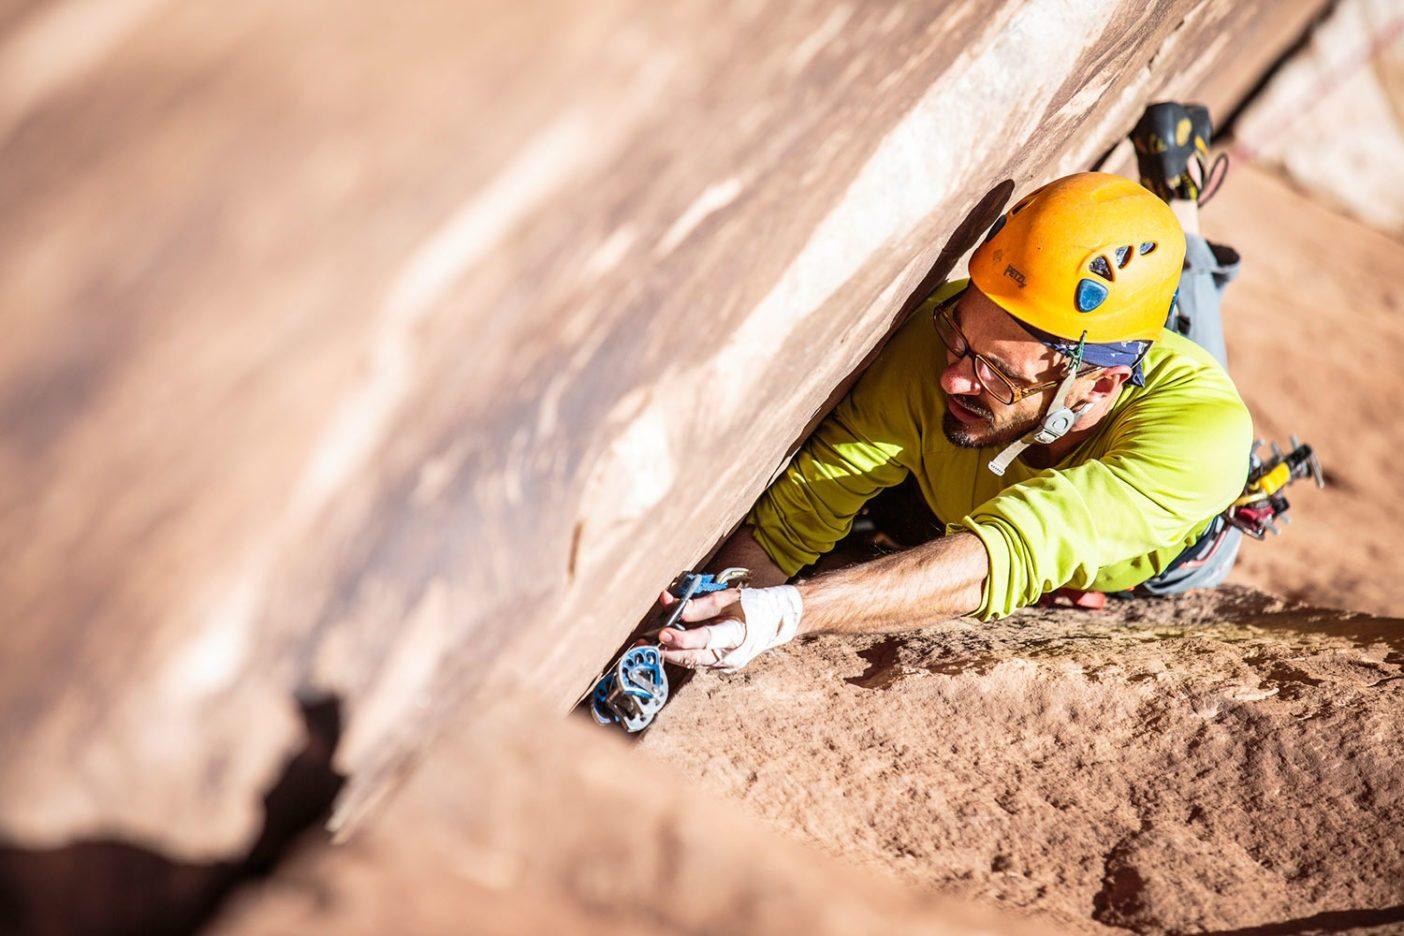 ベアーズ・イヤーズ内のインディアン・クリークにてまたもやクラックを登るアクティビストでクライマーのジョシュ・ユーイング。Photo: Mikey Schaefer